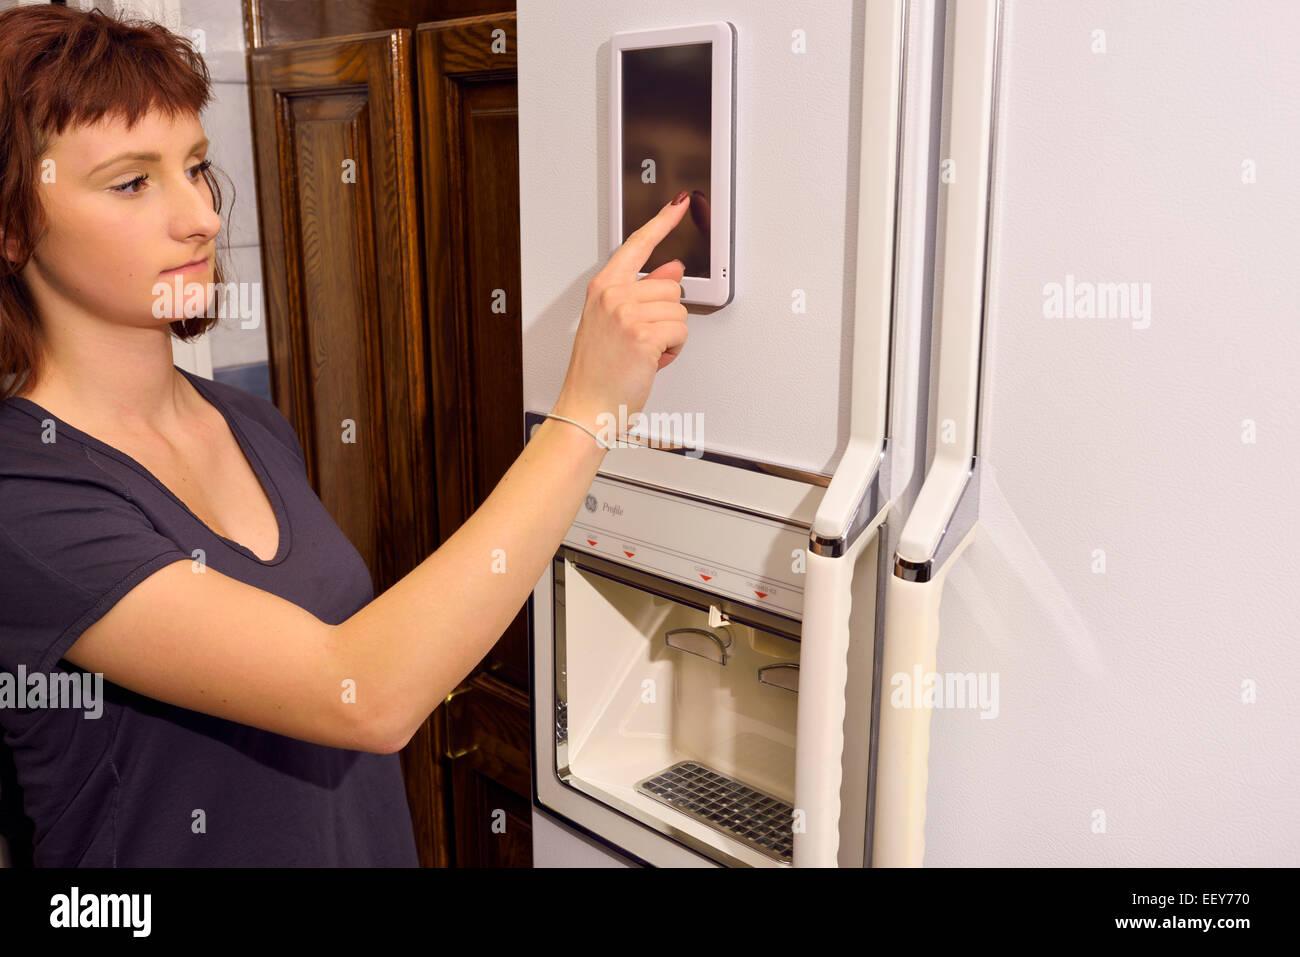 Mujer joven táctil operativo en frigorífico habilitado para web internet de las cosas aparato de cocina Imagen De Stock